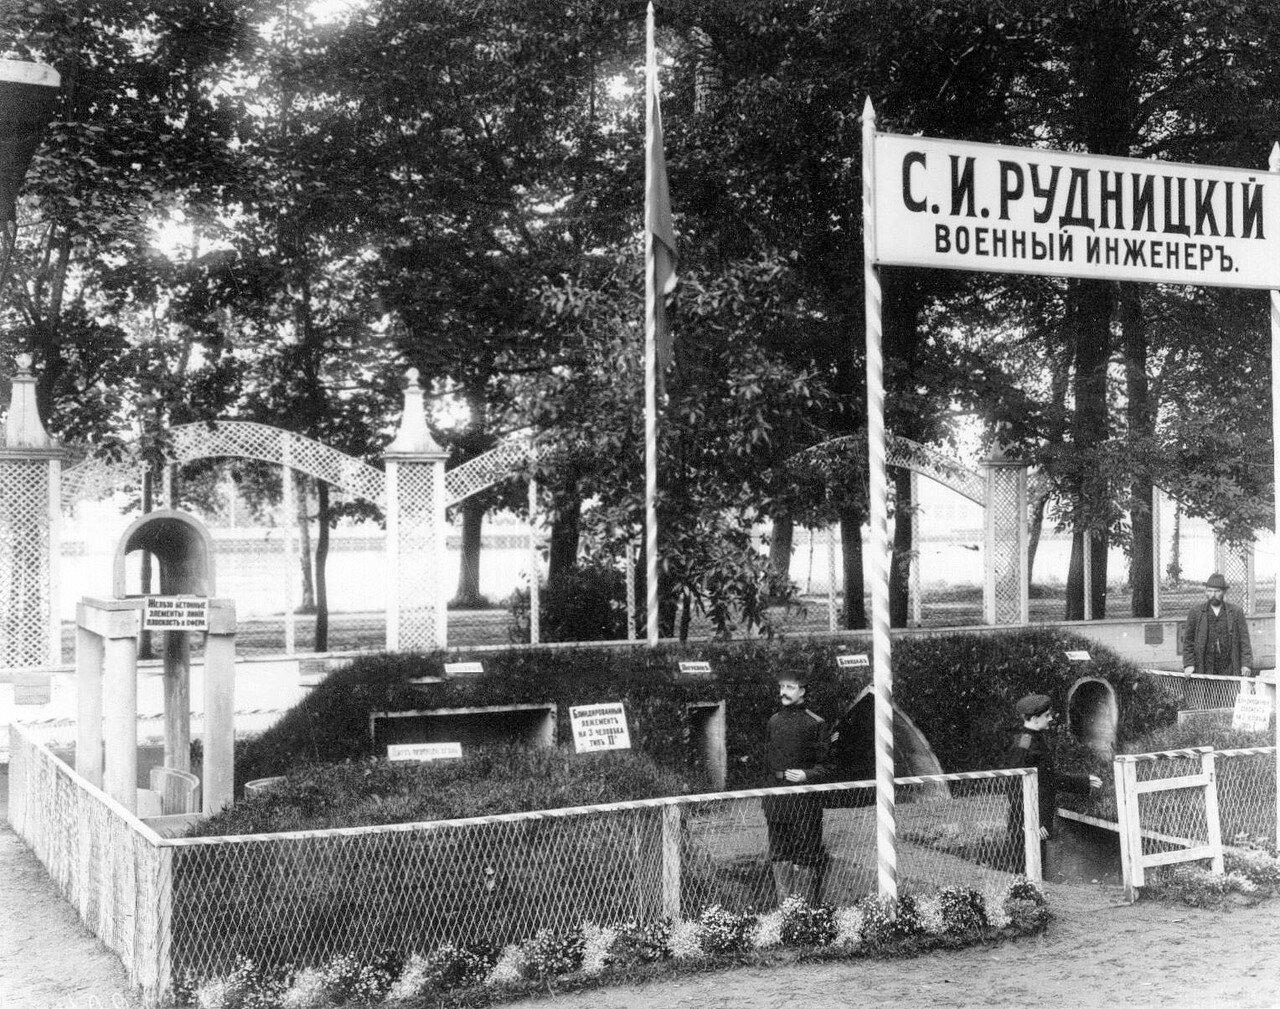 39. Железобетонные конструкции системы военного инженера С.И.Рудницкого